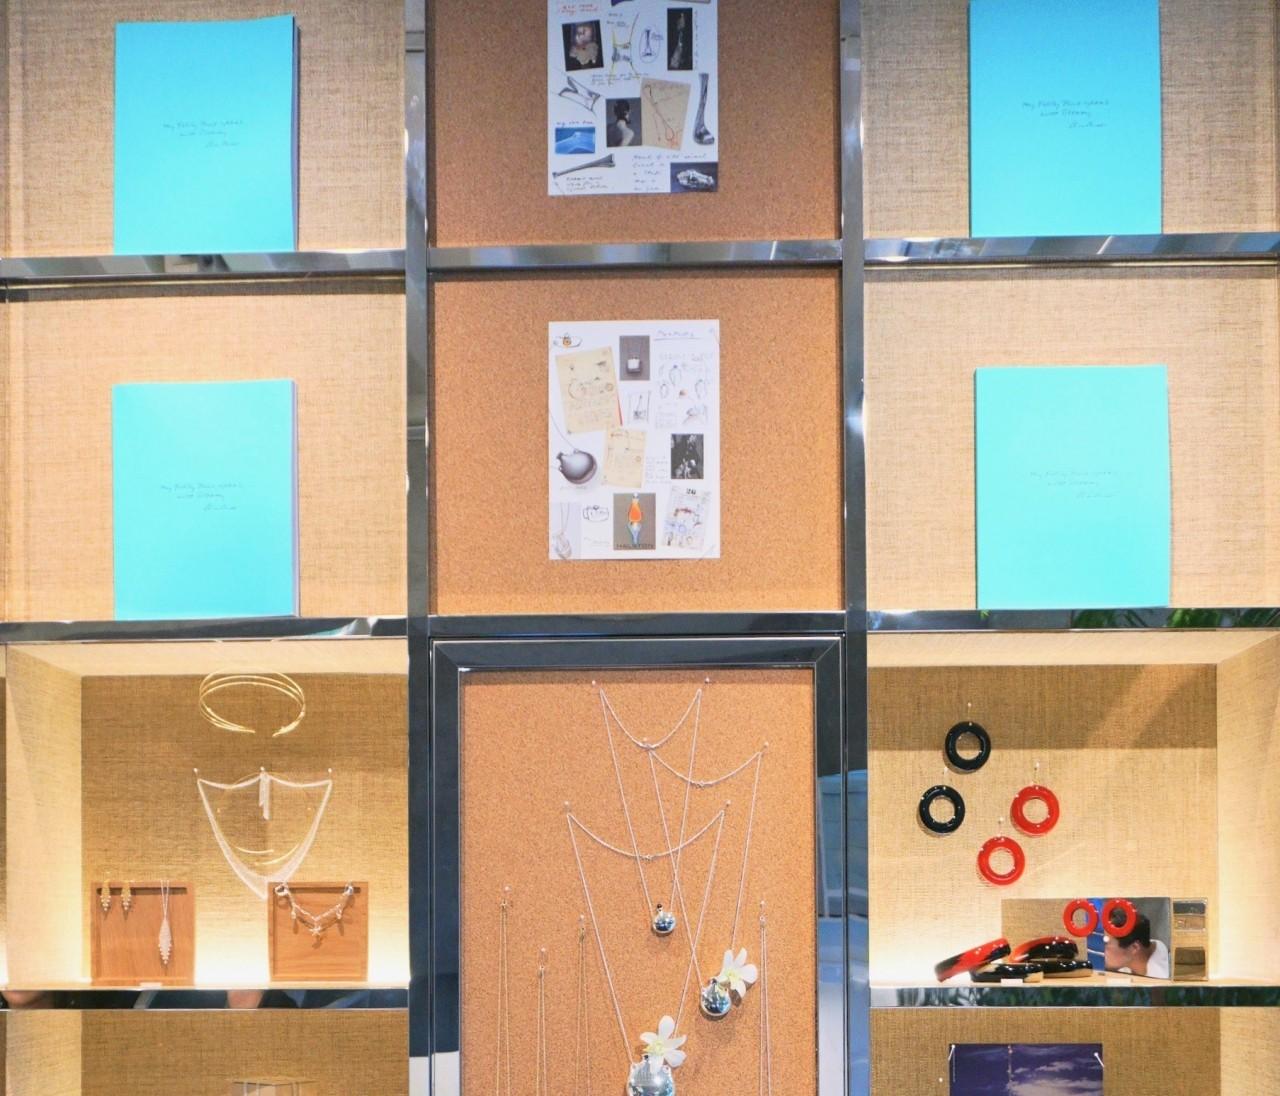 【ティファニー(Tiffany & Co.)】キャットストリート期間限定店に新作登場   エルサ・ペレッティ&日本限定第2弾、絶品ソフトクリームも!